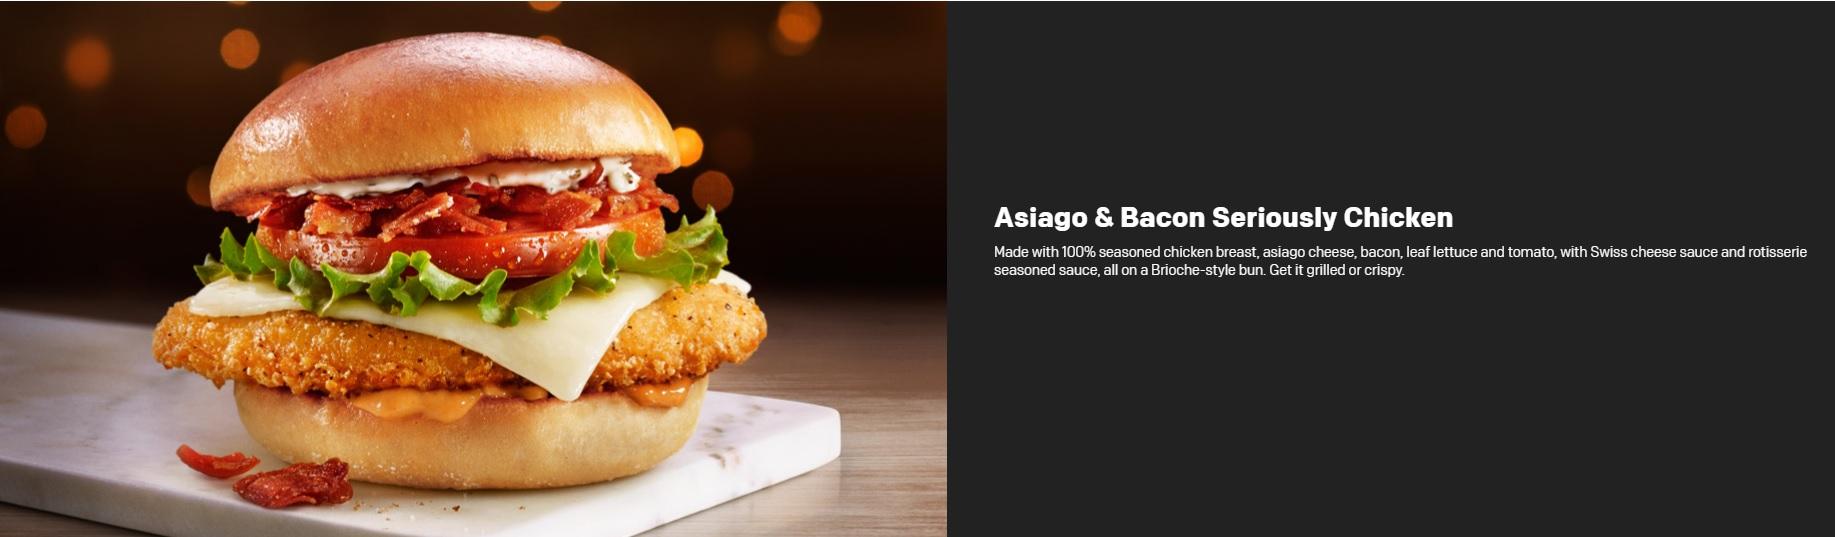 McDonald's Seriously Festive Menu - Asiago & Bacon Seriously Chicken